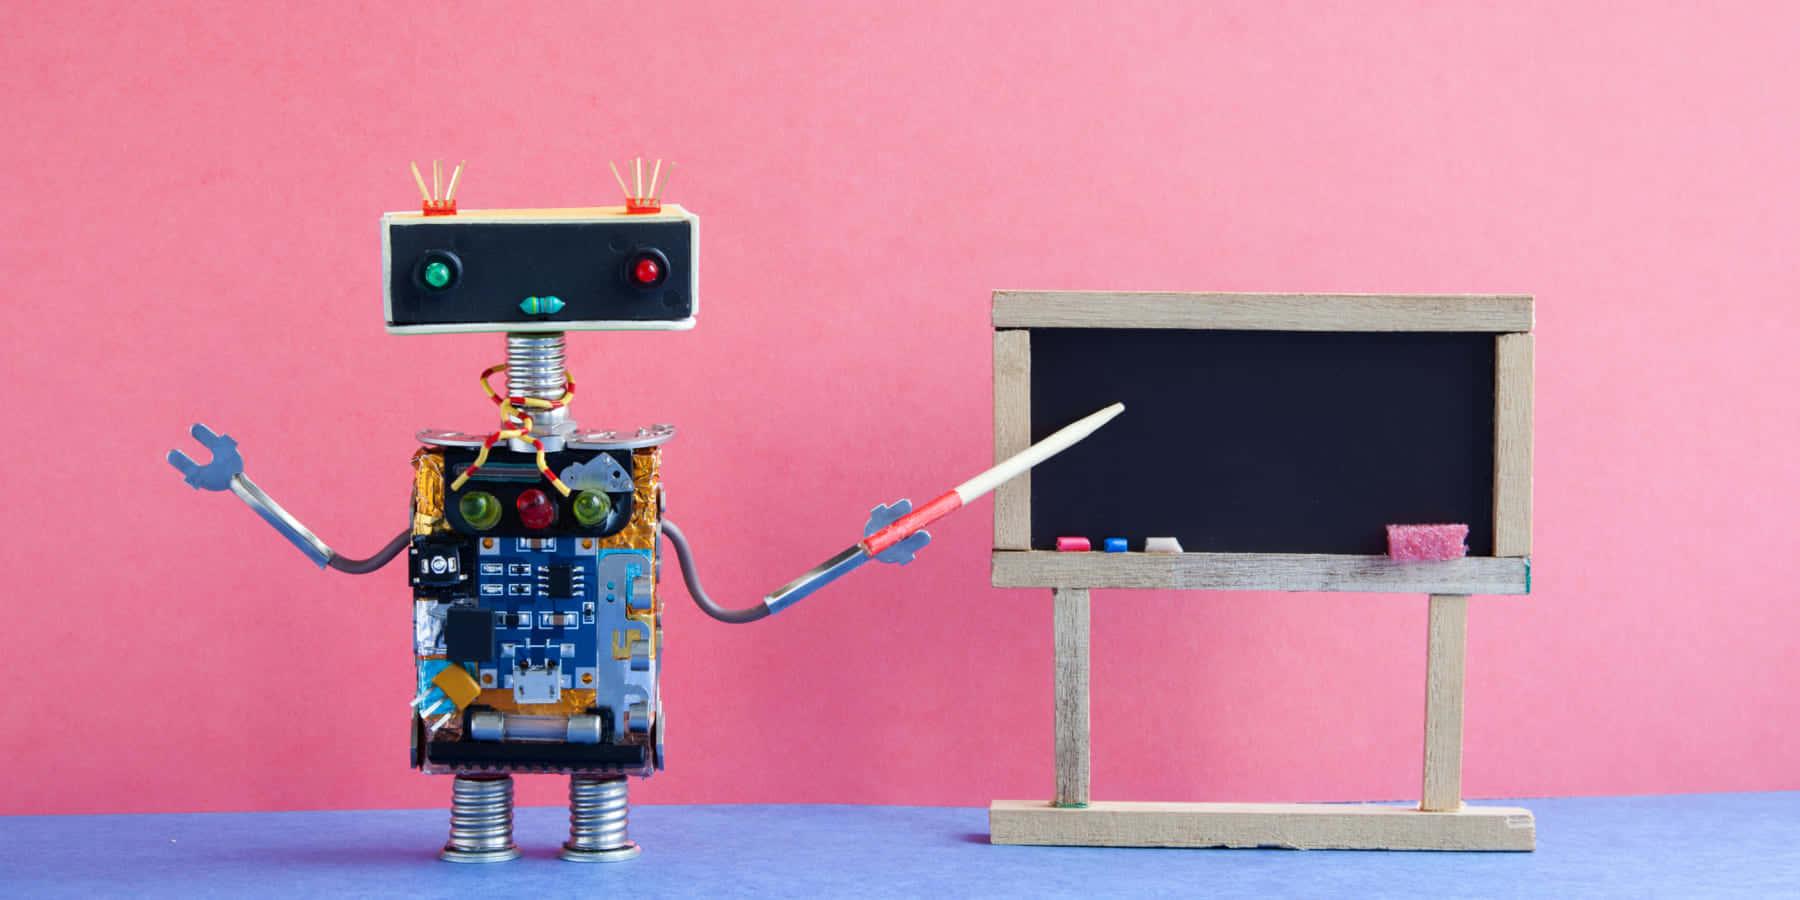 中国の幼稚園に導入。歌も読み聞かせもできるロボット先生